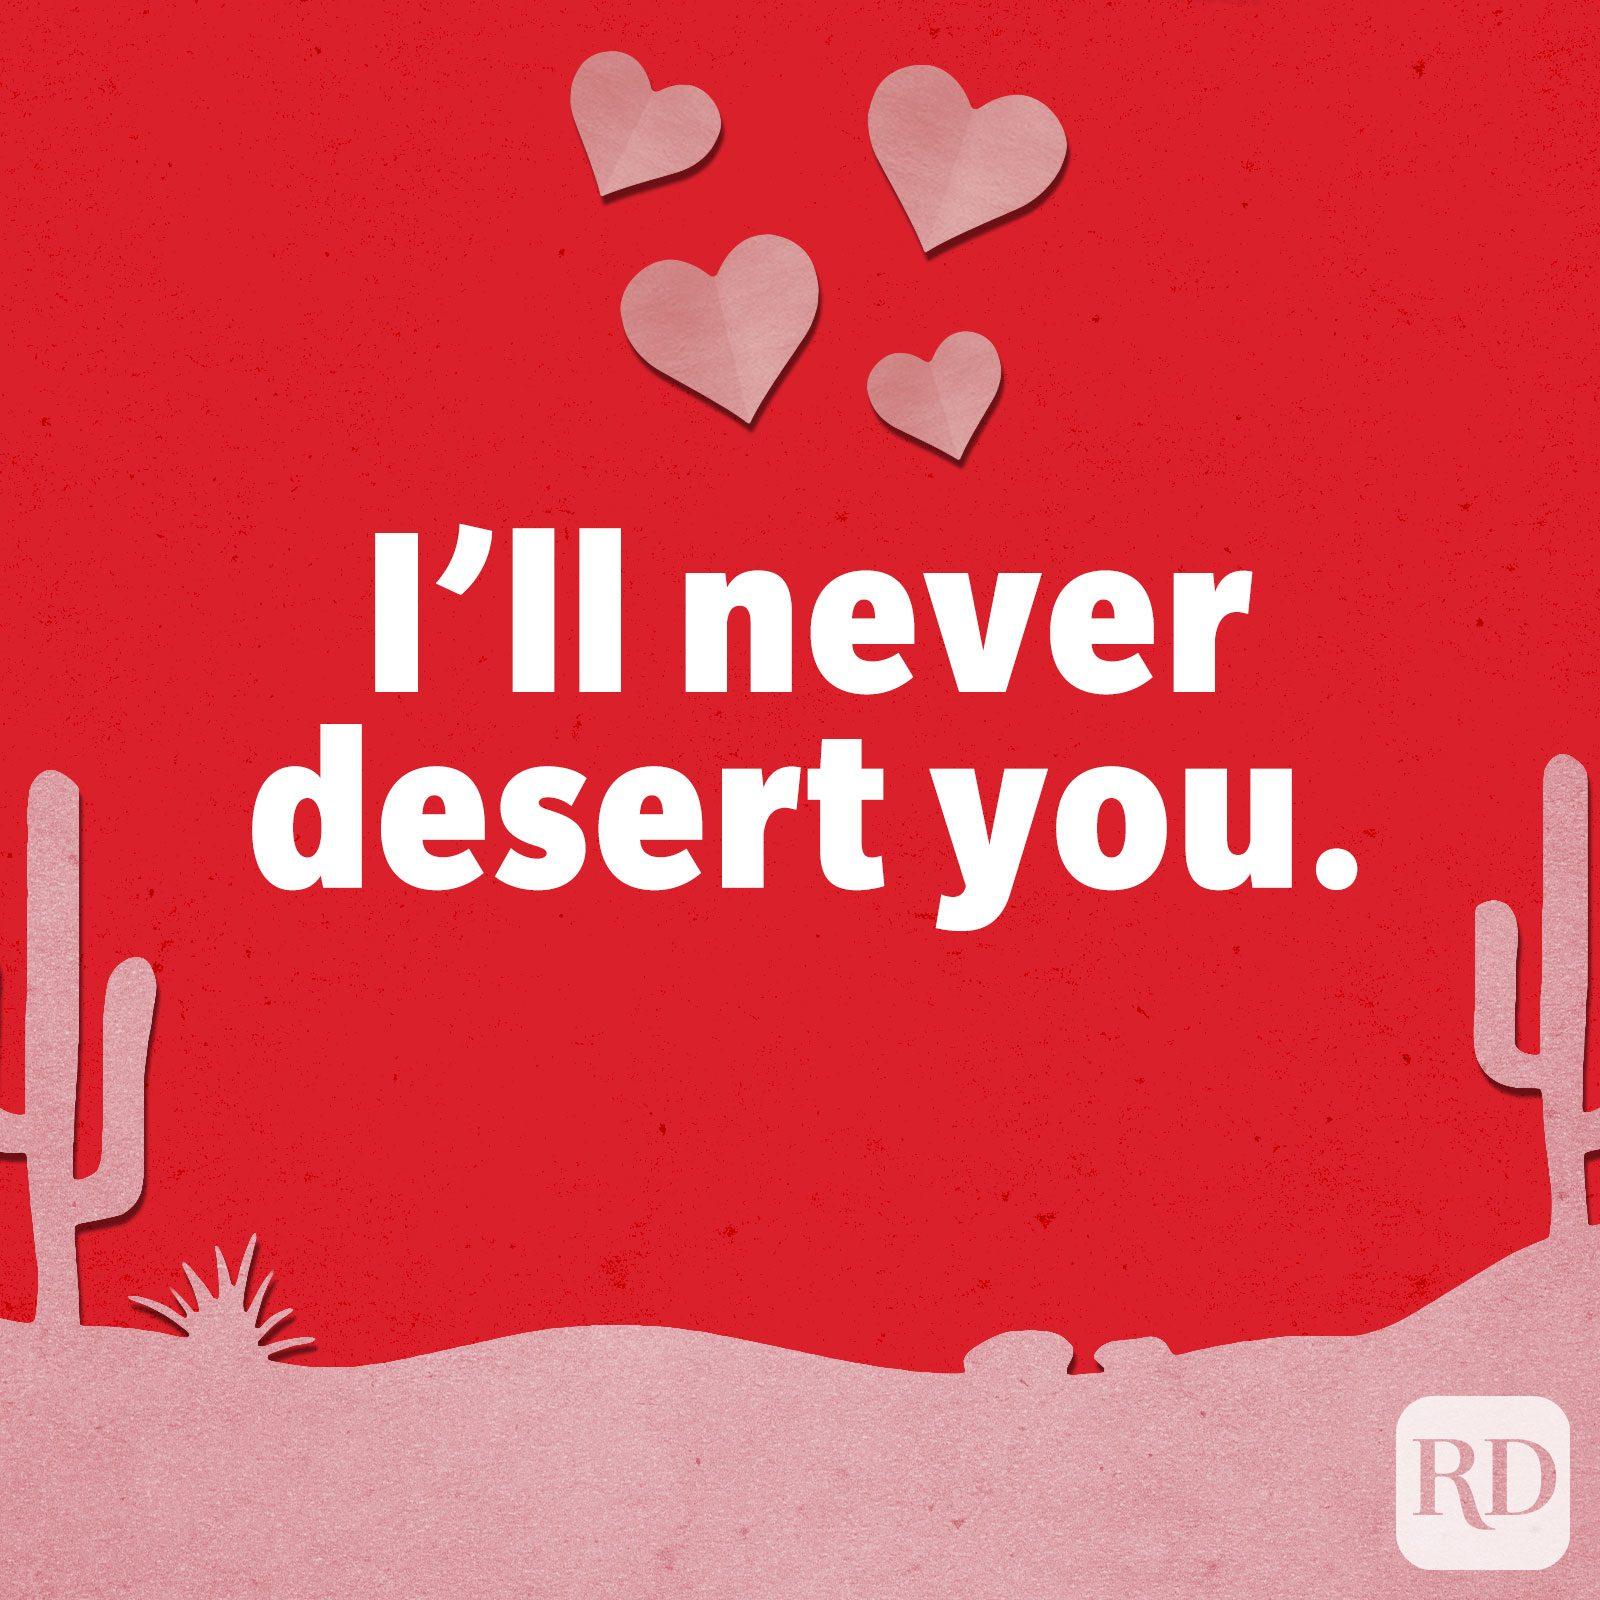 I'll never desert you.